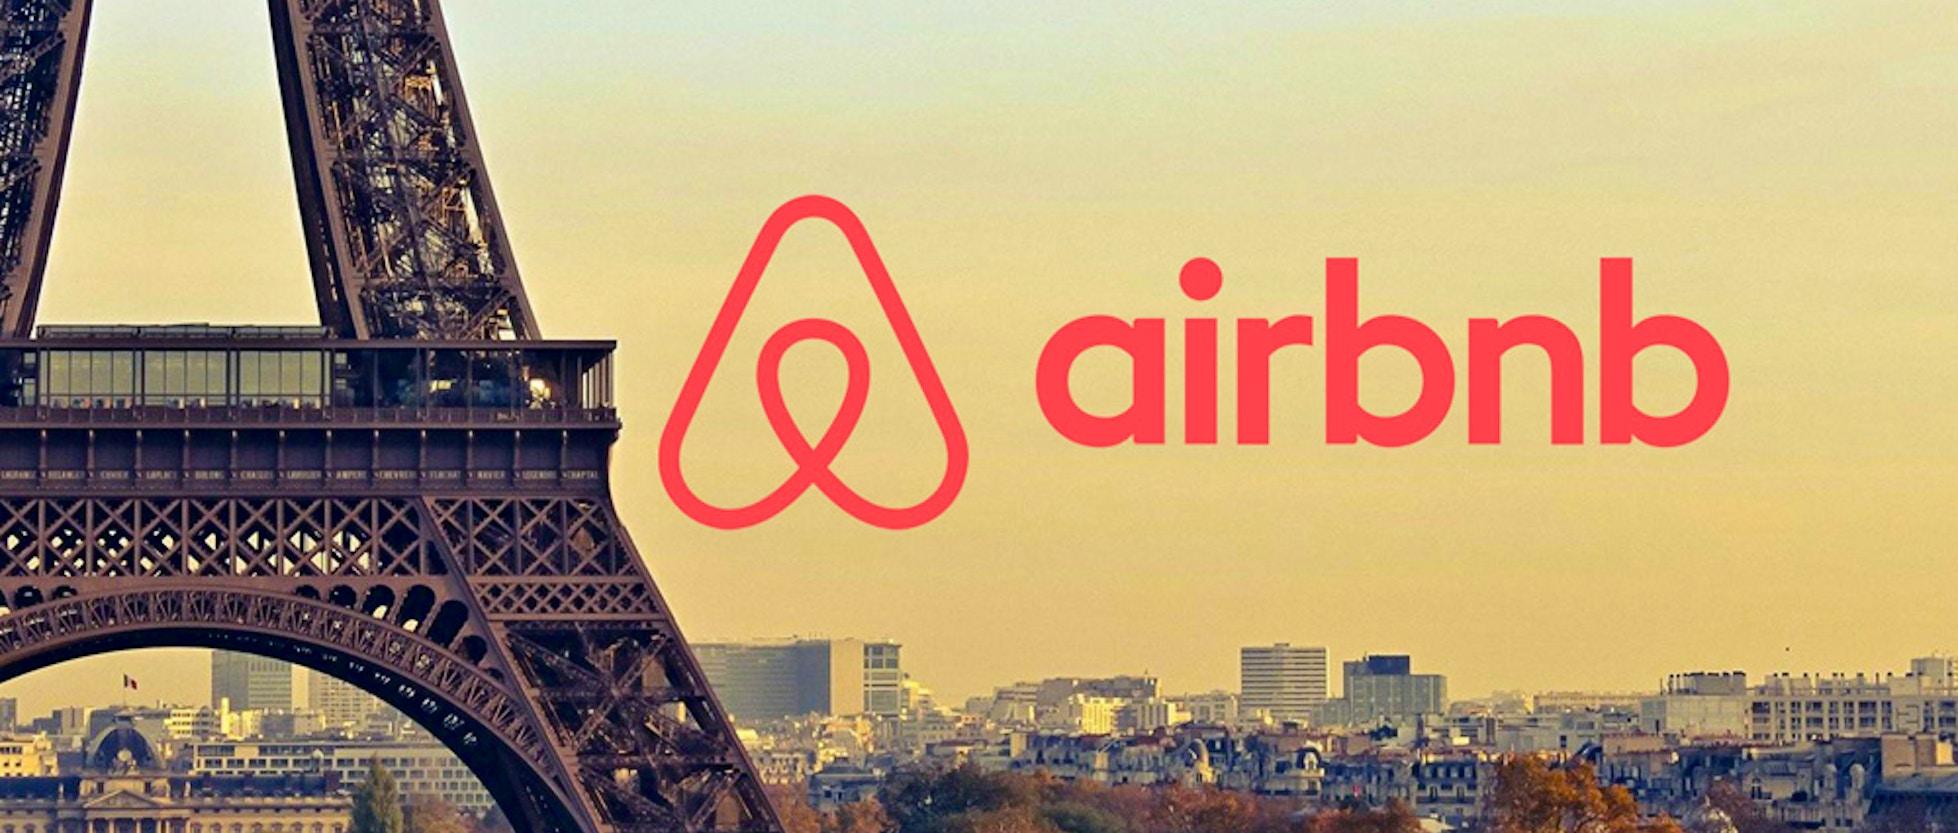 Accordo Parigi-Airbnb: il sito di home-sharing riscuoterà la tassa ...